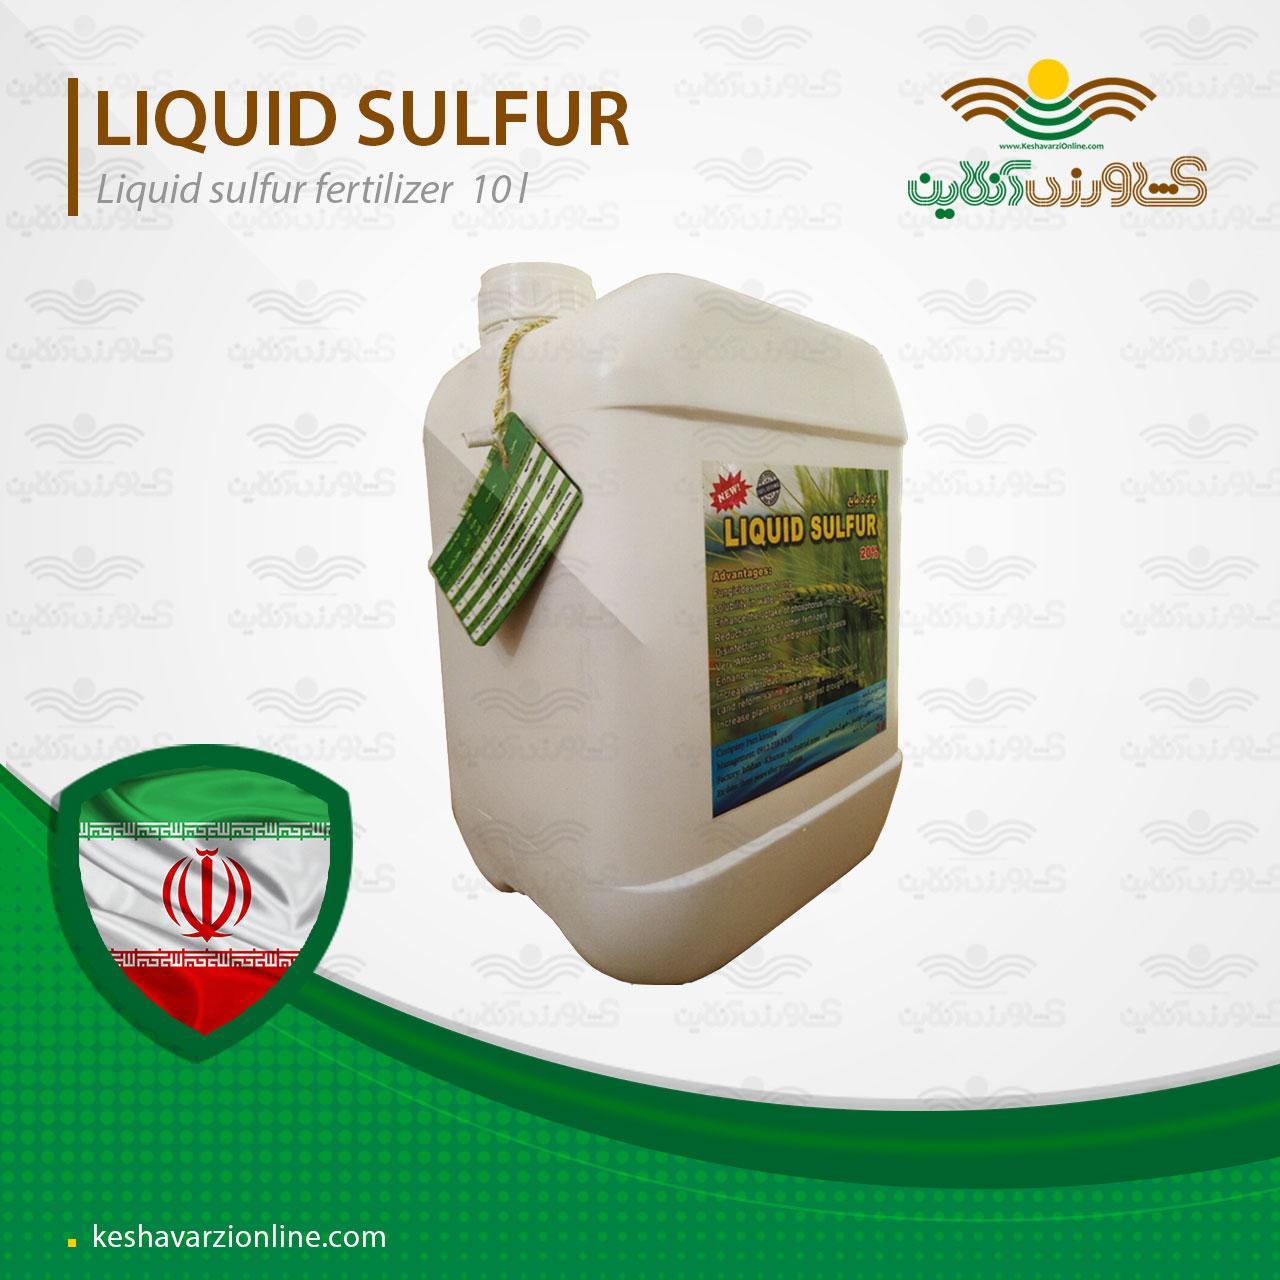 فروش گوگرد مایع 20 لیتری و خواص و کاربرد گوگرد مایع